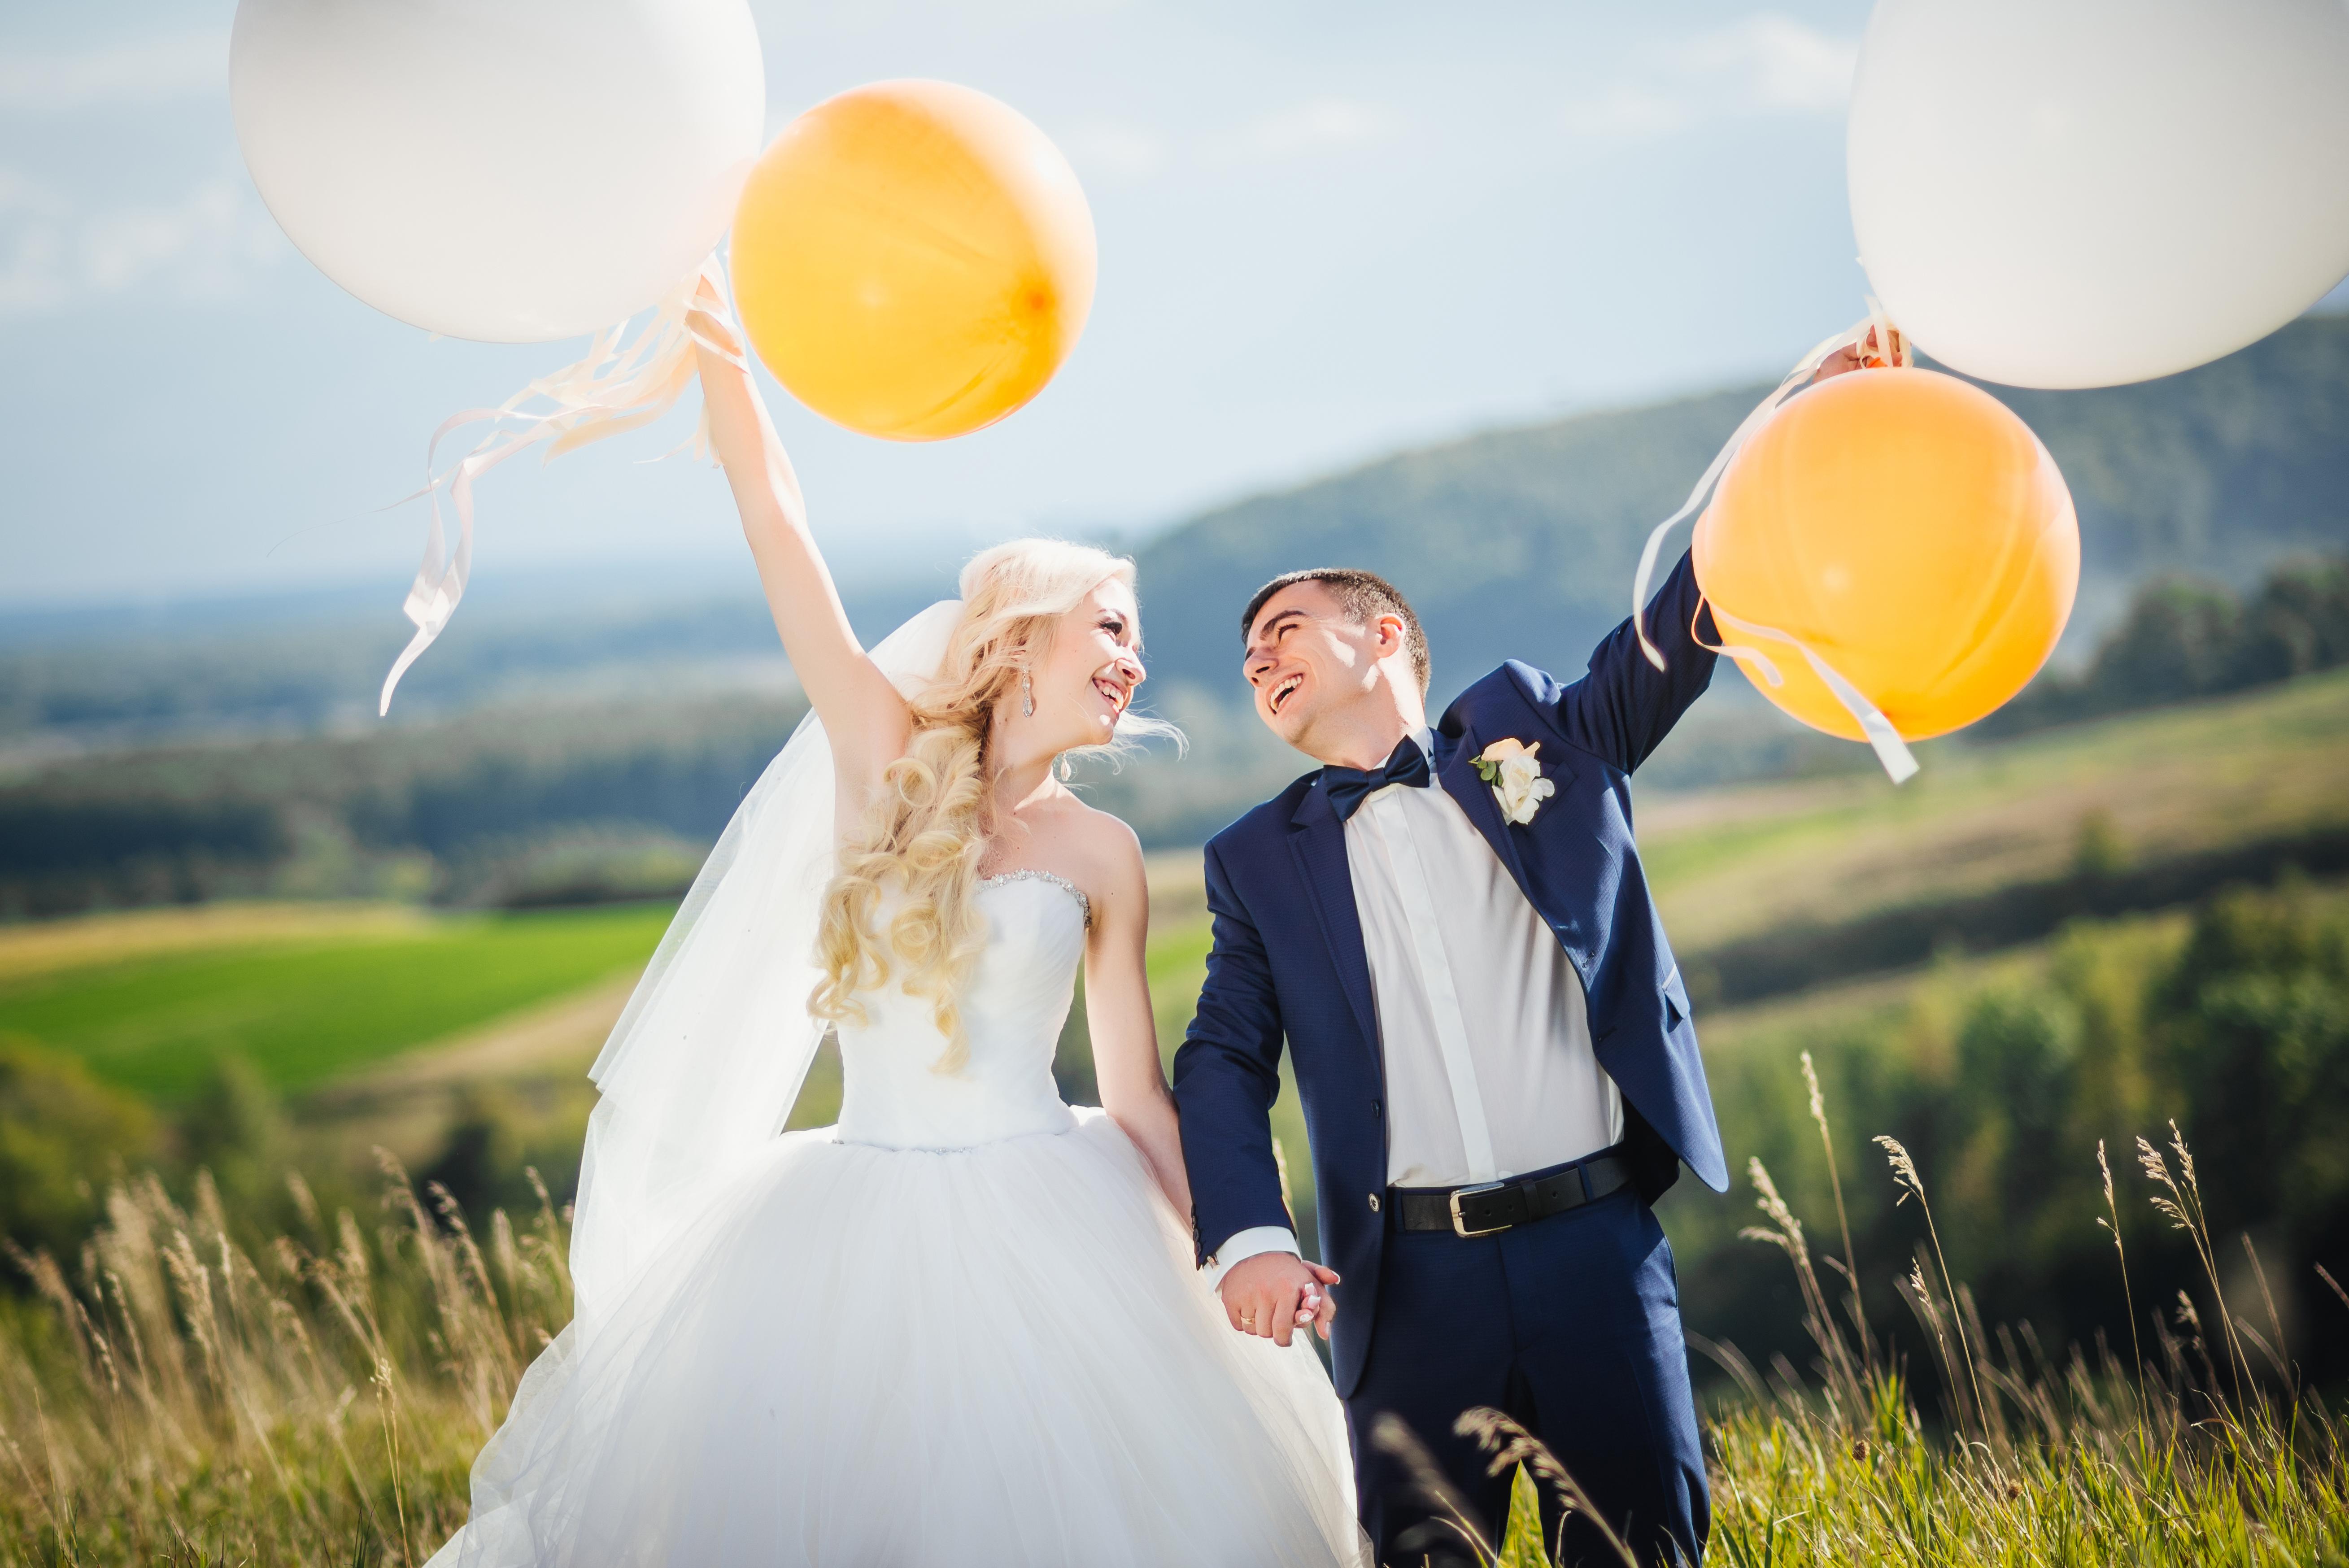 費用をかけずに結婚式を盛り上げる!真似してみたい「掛け声」を演出別でご紹介♡ で紹介している画像